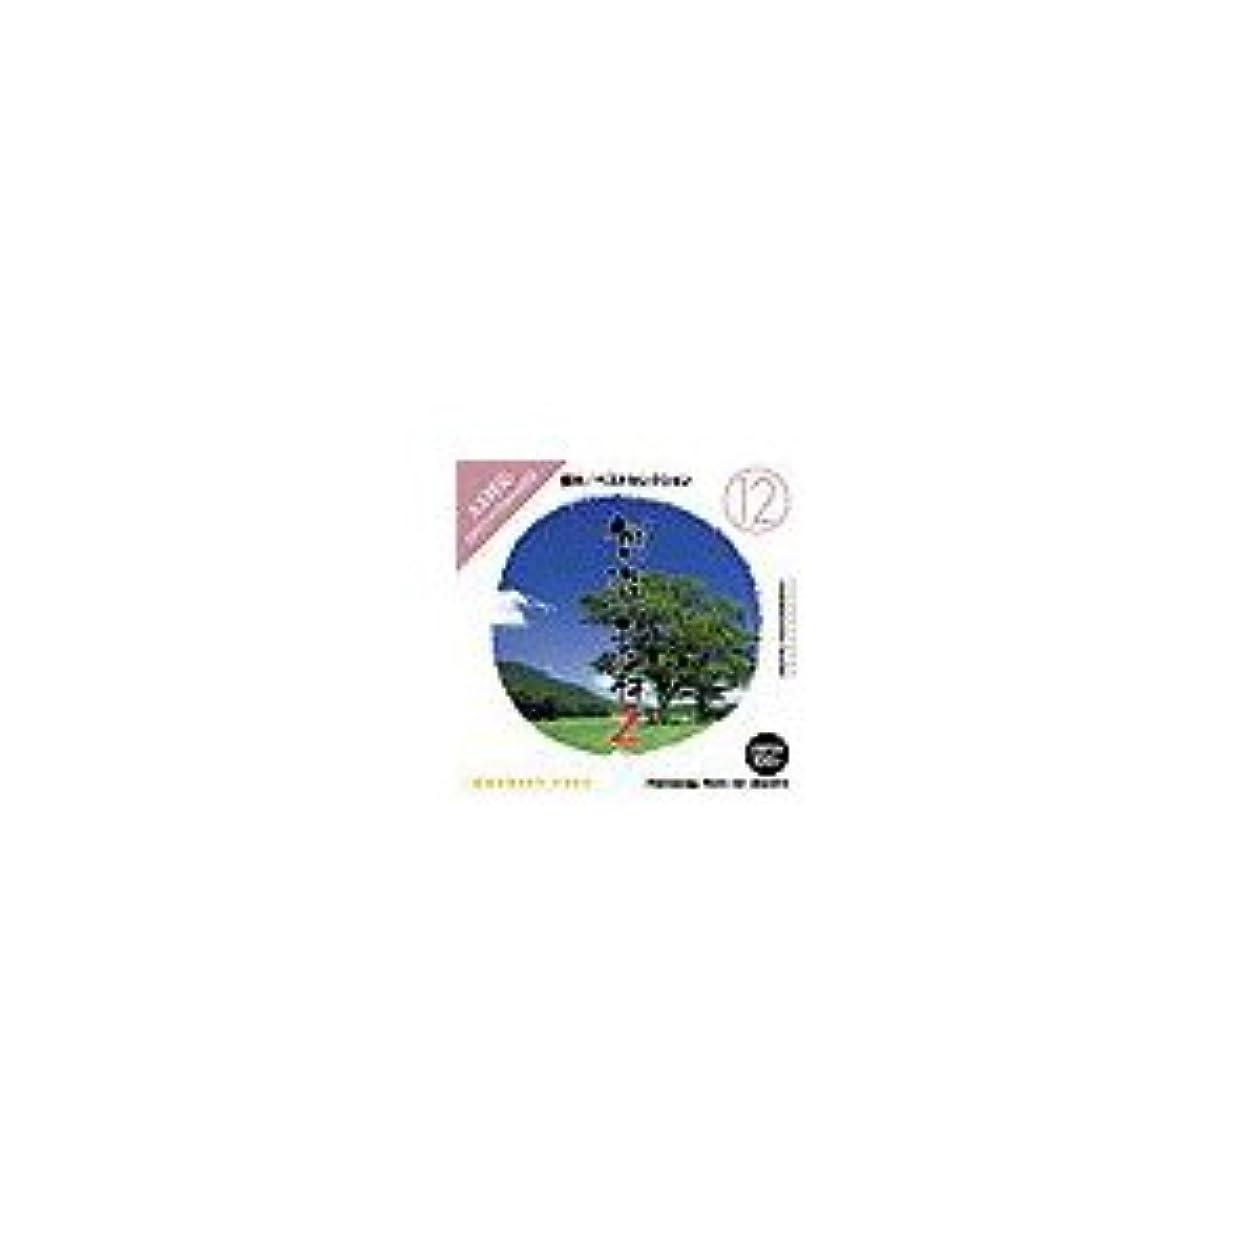 写真素材 創造素材 Zシリーズ (12) 樹木/ベストセレクション ds-68245